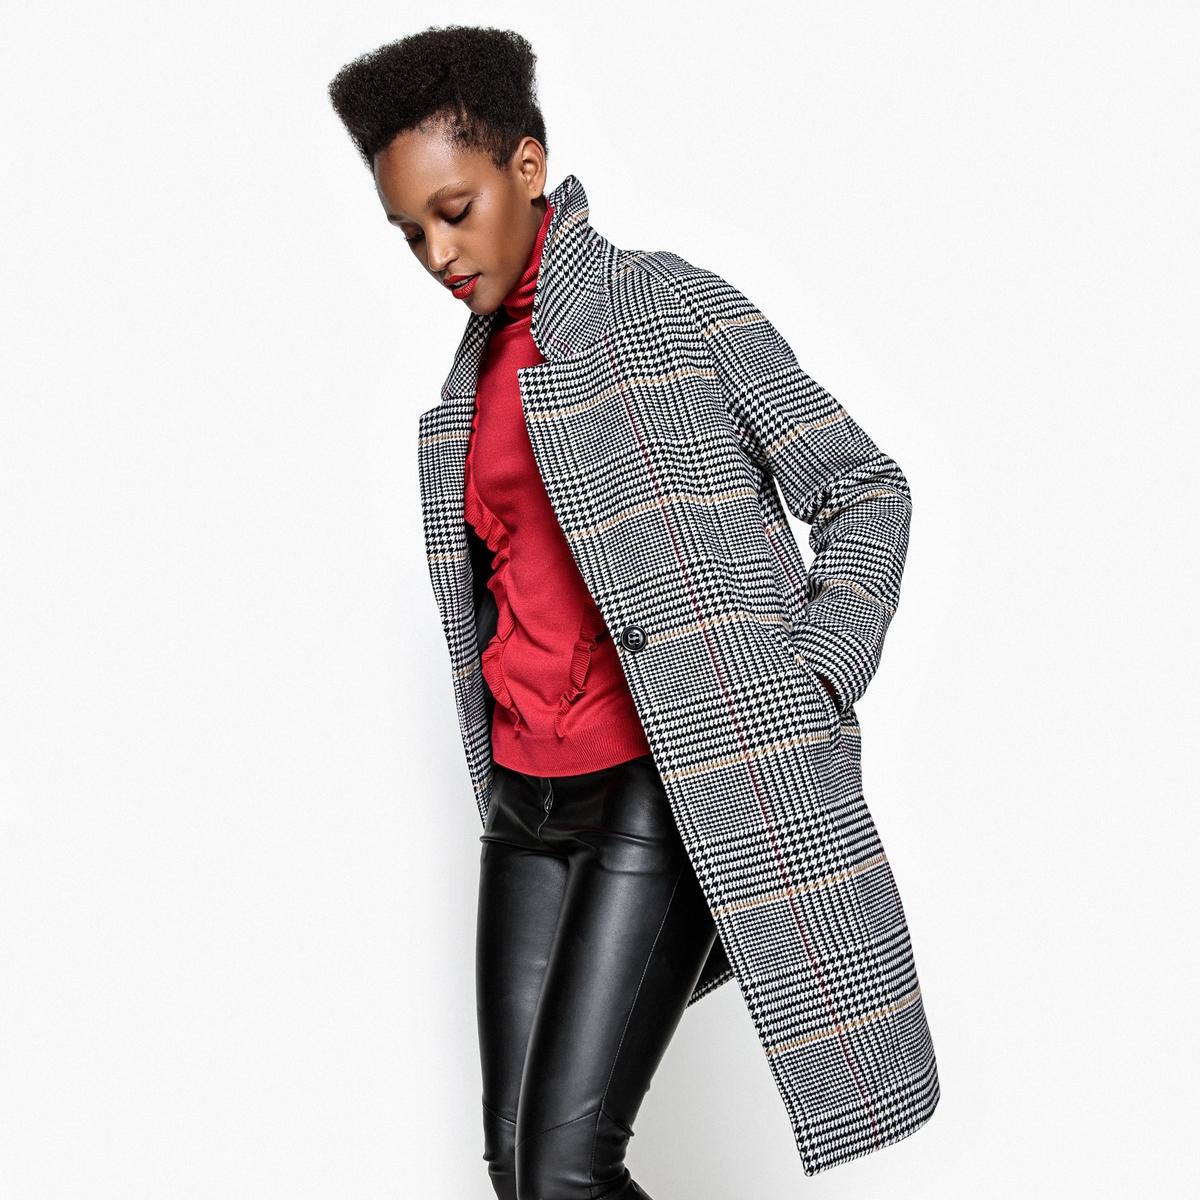 Пальто в клеткуОписание:Стильное пальто овальной формы, в котором холода вам ни по чем . Застежка на 1 пуговицу . Рукава реглан. Полностью на подкладке.Детали •  Длина : удлиненная модель •  Воротник-поло, рубашечный •  Рисунок в клетку • Застежка на пуговицыСостав и уход •  2% вискозы, 15% шерсти, 27% акрила, 4% полиамида • Не стирать •  Не использовать сухую чистку / не отбеливать   •  Не использовать барабанную сушку   •  Низкая температура глажки •  Длина : 99 см<br><br>Цвет: В клетку/фон экрю<br>Размер: 34 (FR) - 40 (RUS).48 (FR) - 54 (RUS).46 (FR) - 52 (RUS).44 (FR) - 50 (RUS).42 (FR) - 48 (RUS).40 (FR) - 46 (RUS).38 (FR) - 44 (RUS).52 (FR) - 58 (RUS)